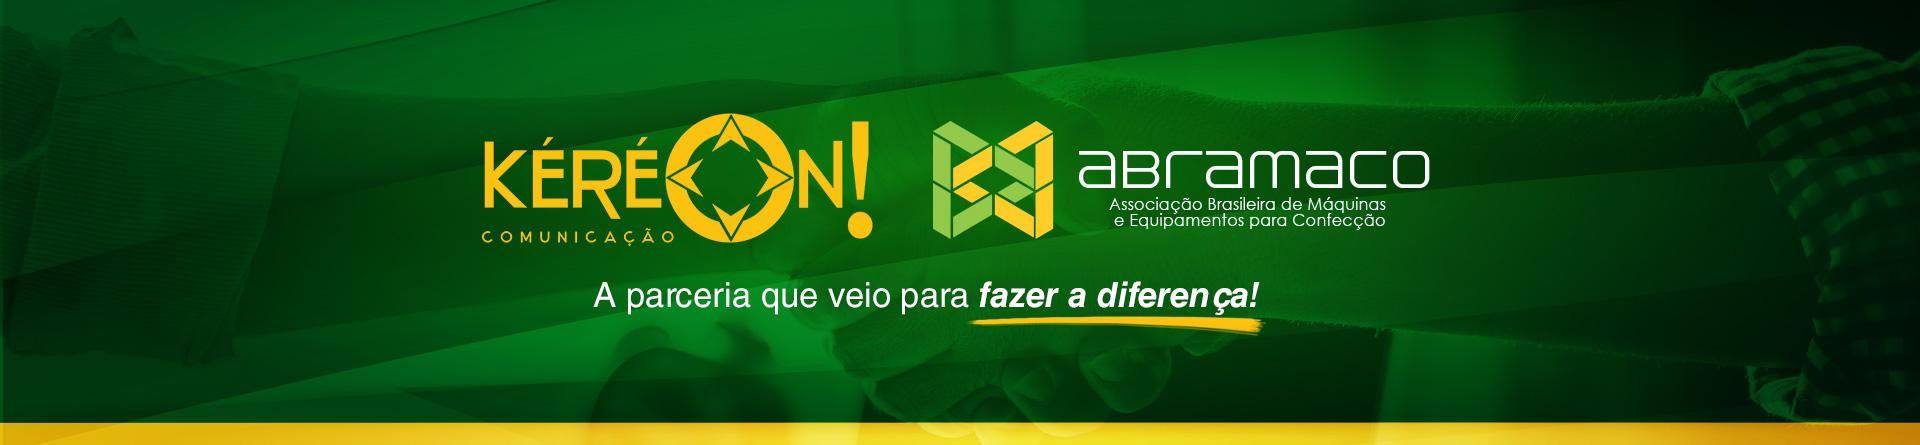 banner_parceria_kereon_abramaco